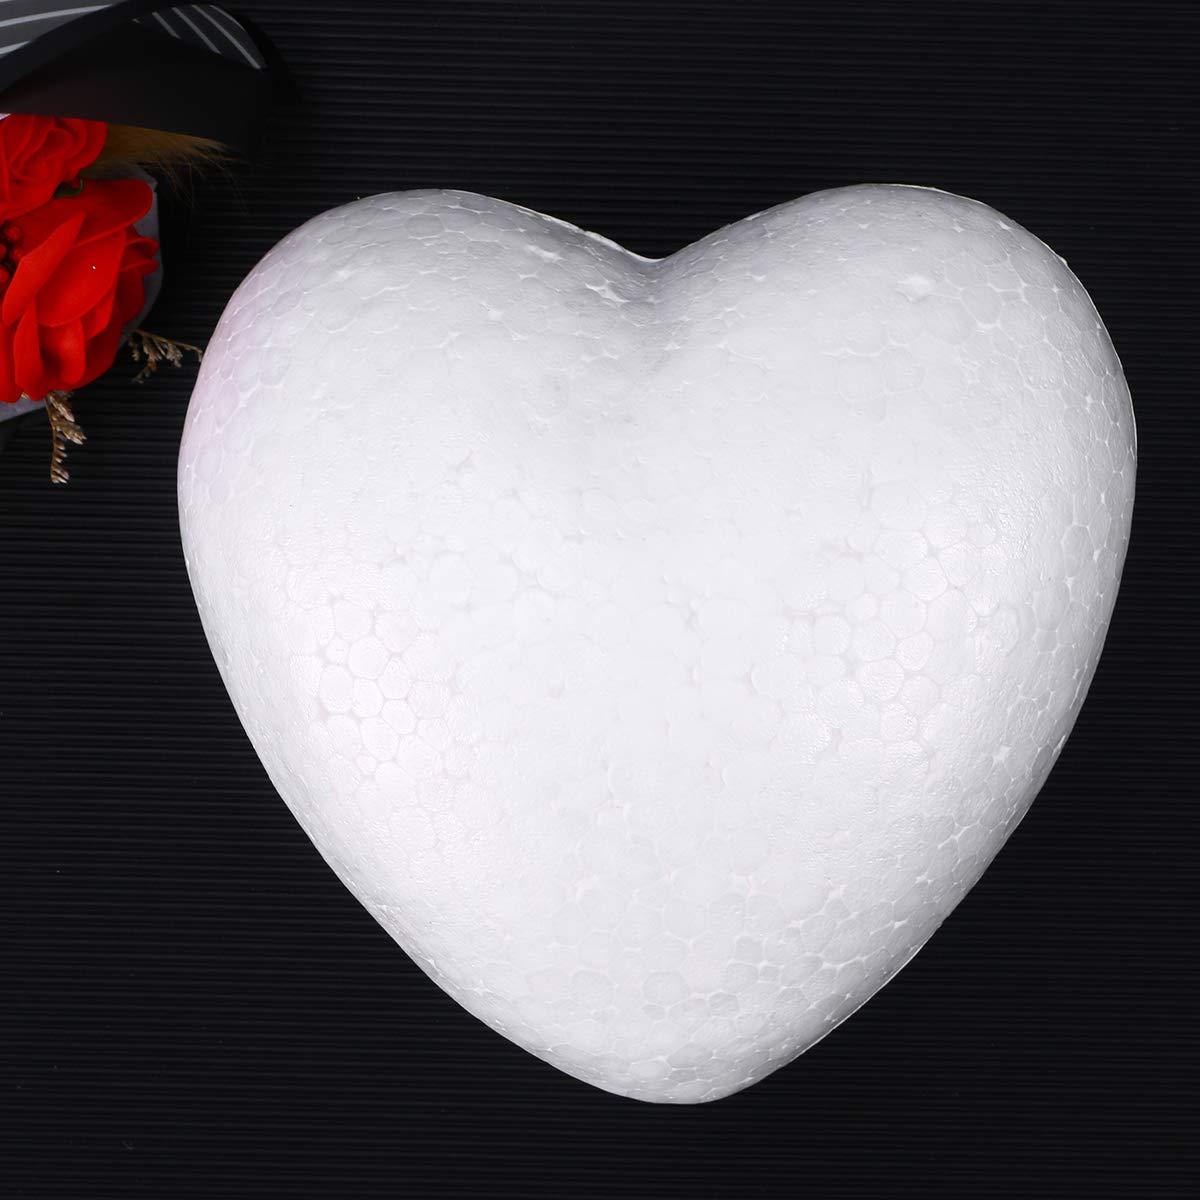 TOYANDONA Boule en Mousse de polystyr/ène en Forme de Coeur en Forme de c/œur en Forme de c/œur pour Arts et Artisanat Blanc utilisez des Ornements de Bricolage et des d/écorations de Mariage 15cm